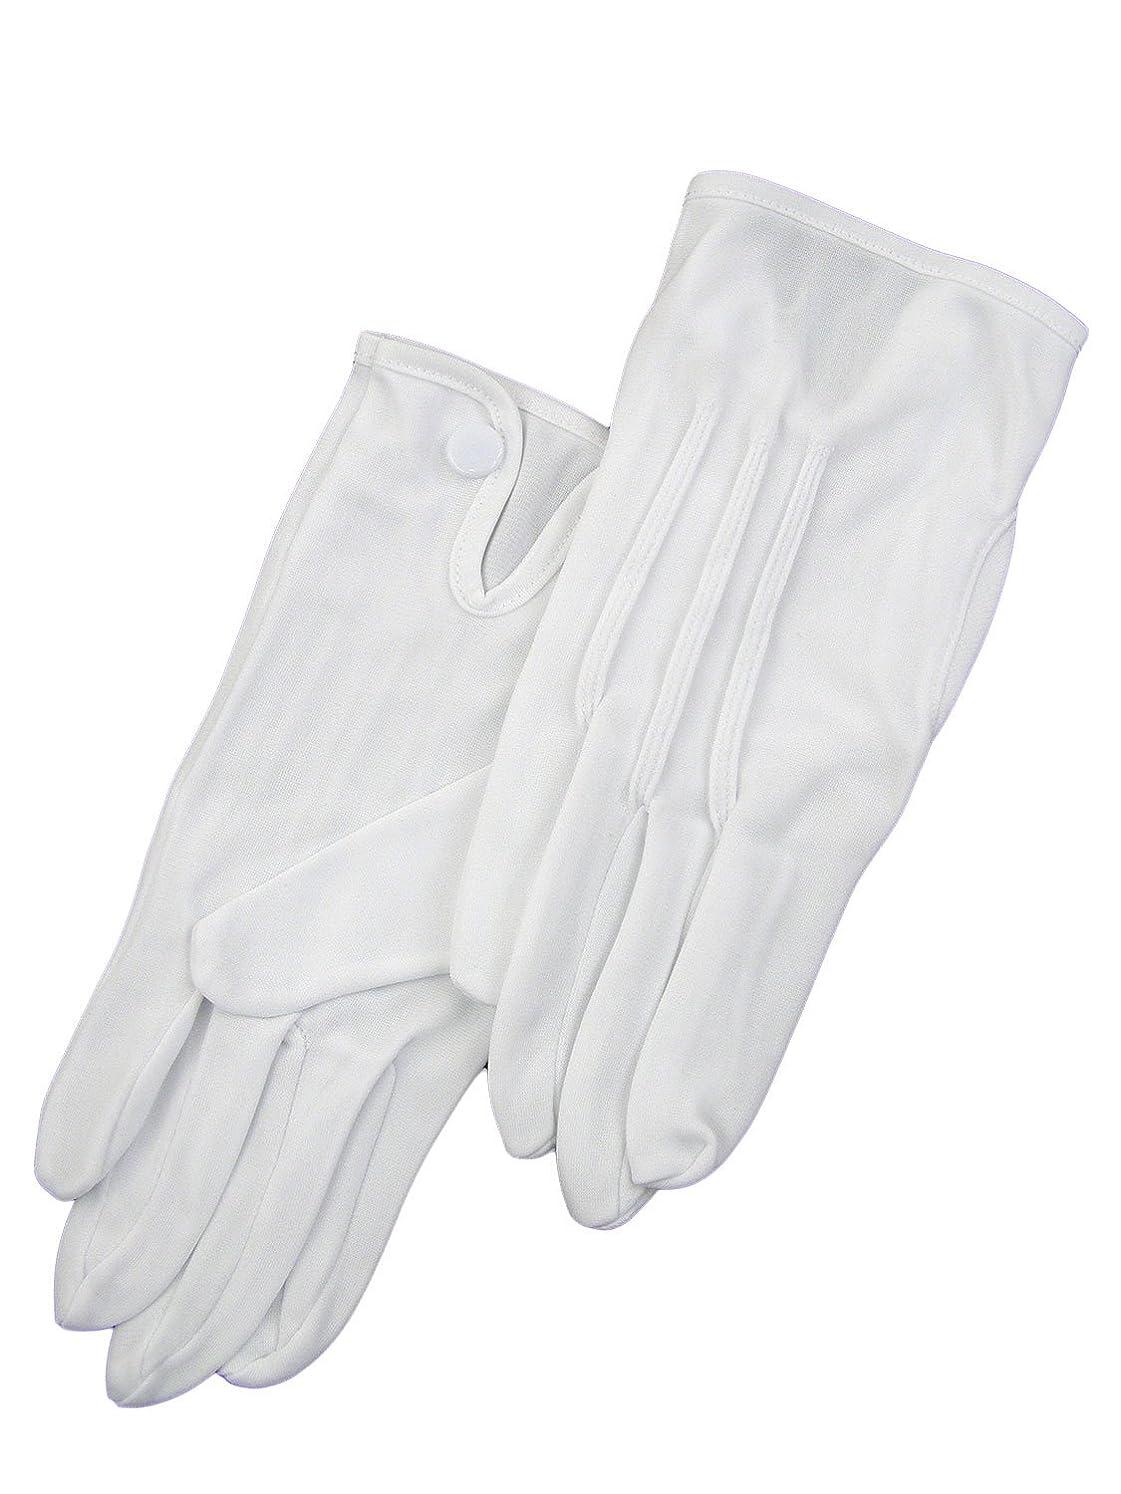 ジョガーポスト印象派誘う紳士白ナイロン手袋 105 シロ M